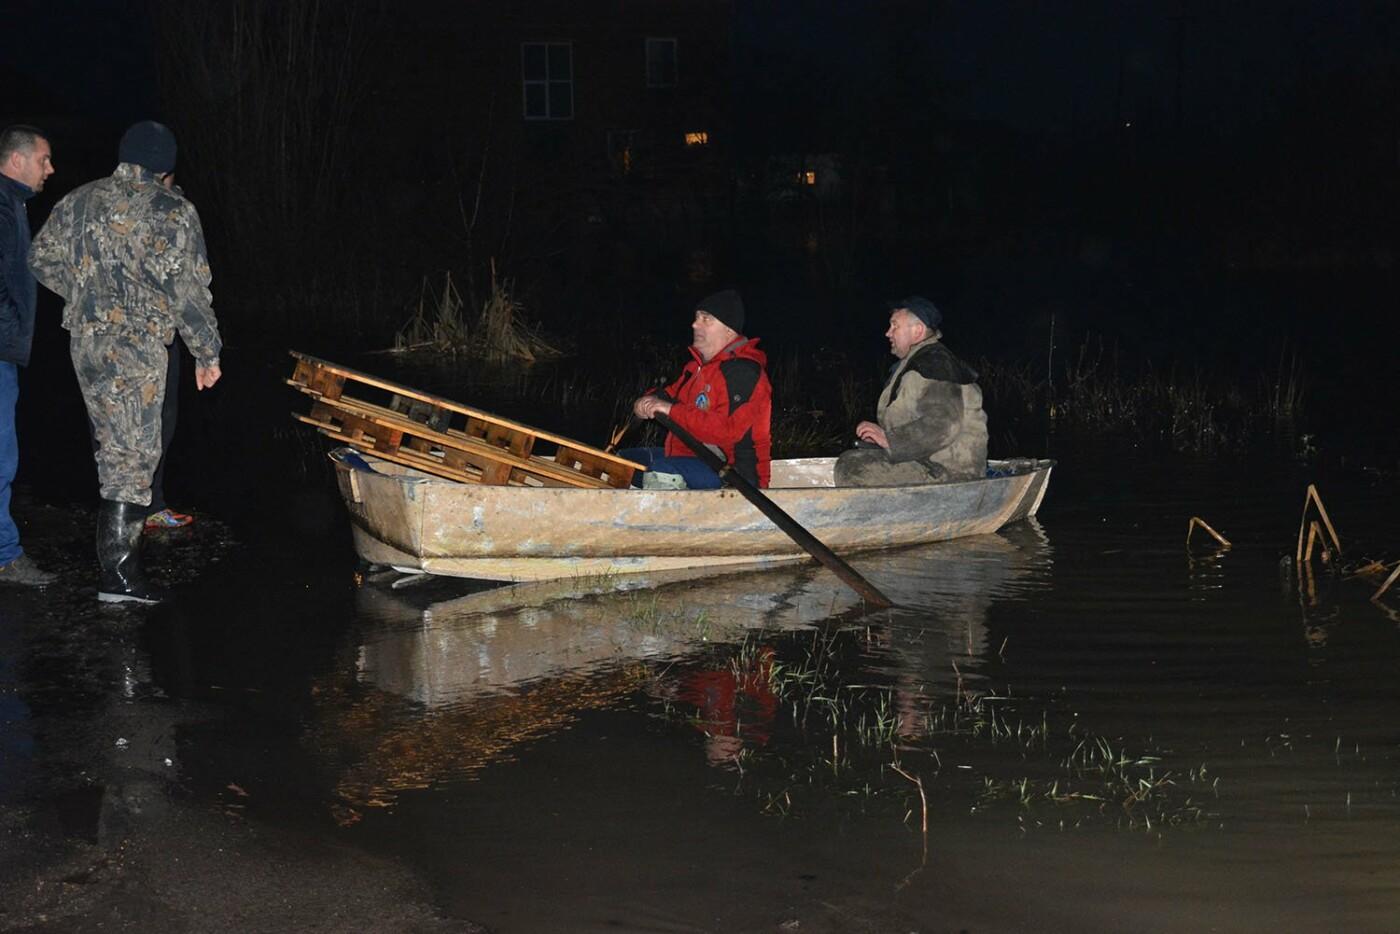 Ситуація стабілізувалася: на Закарпатті човнами евакуювали людей, постраждалих від паводку (ФОТО, ВІДЕО), фото-1